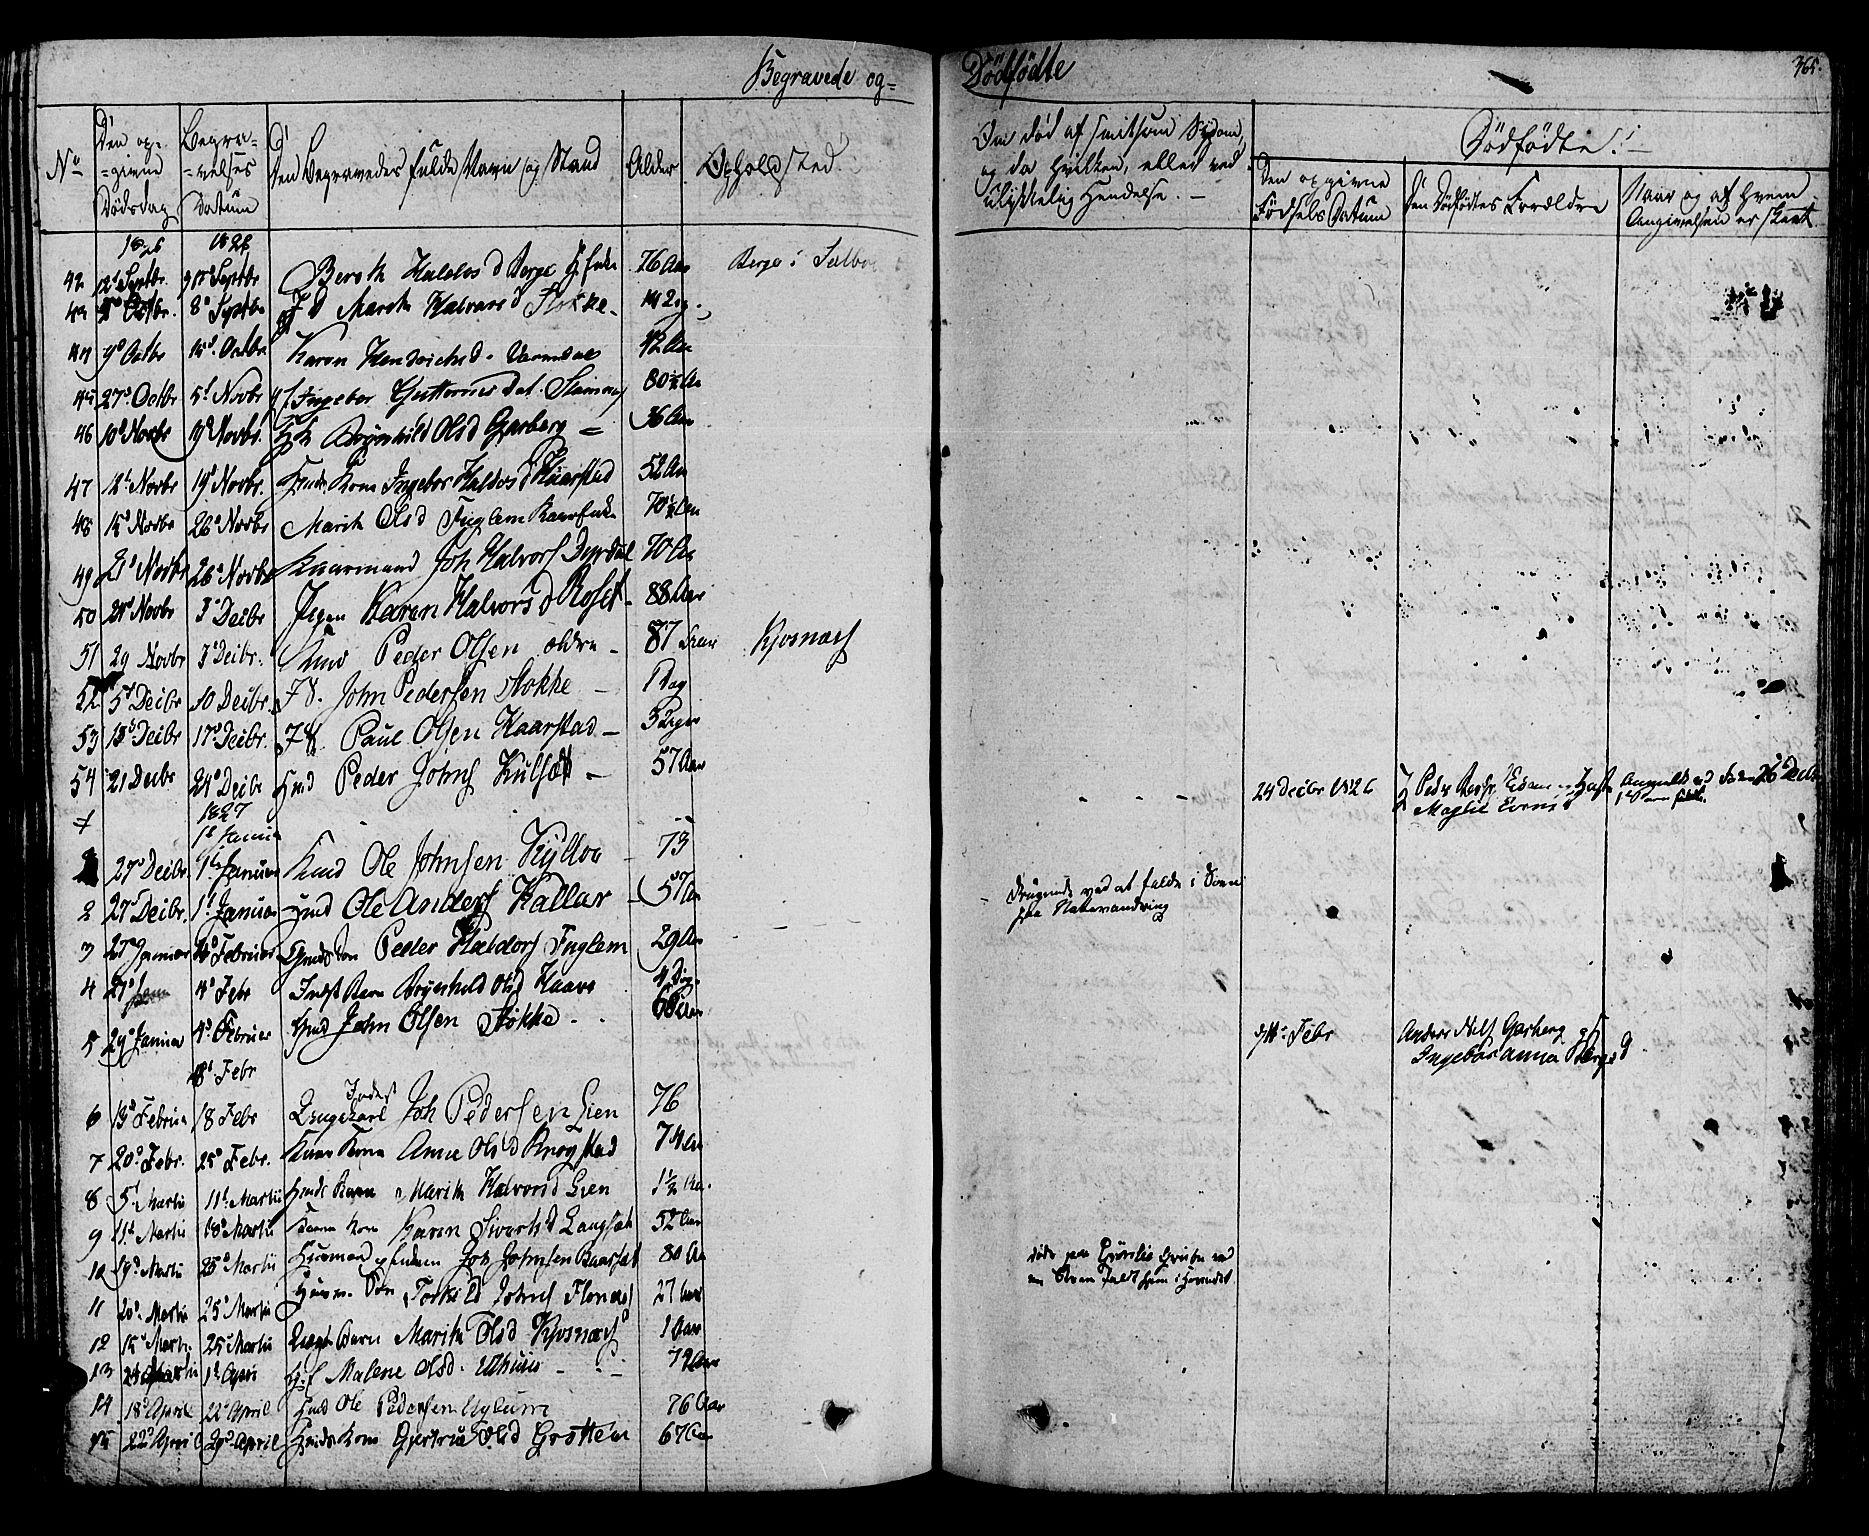 SAT, Ministerialprotokoller, klokkerbøker og fødselsregistre - Sør-Trøndelag, 695/L1143: Ministerialbok nr. 695A05 /1, 1824-1842, s. 365